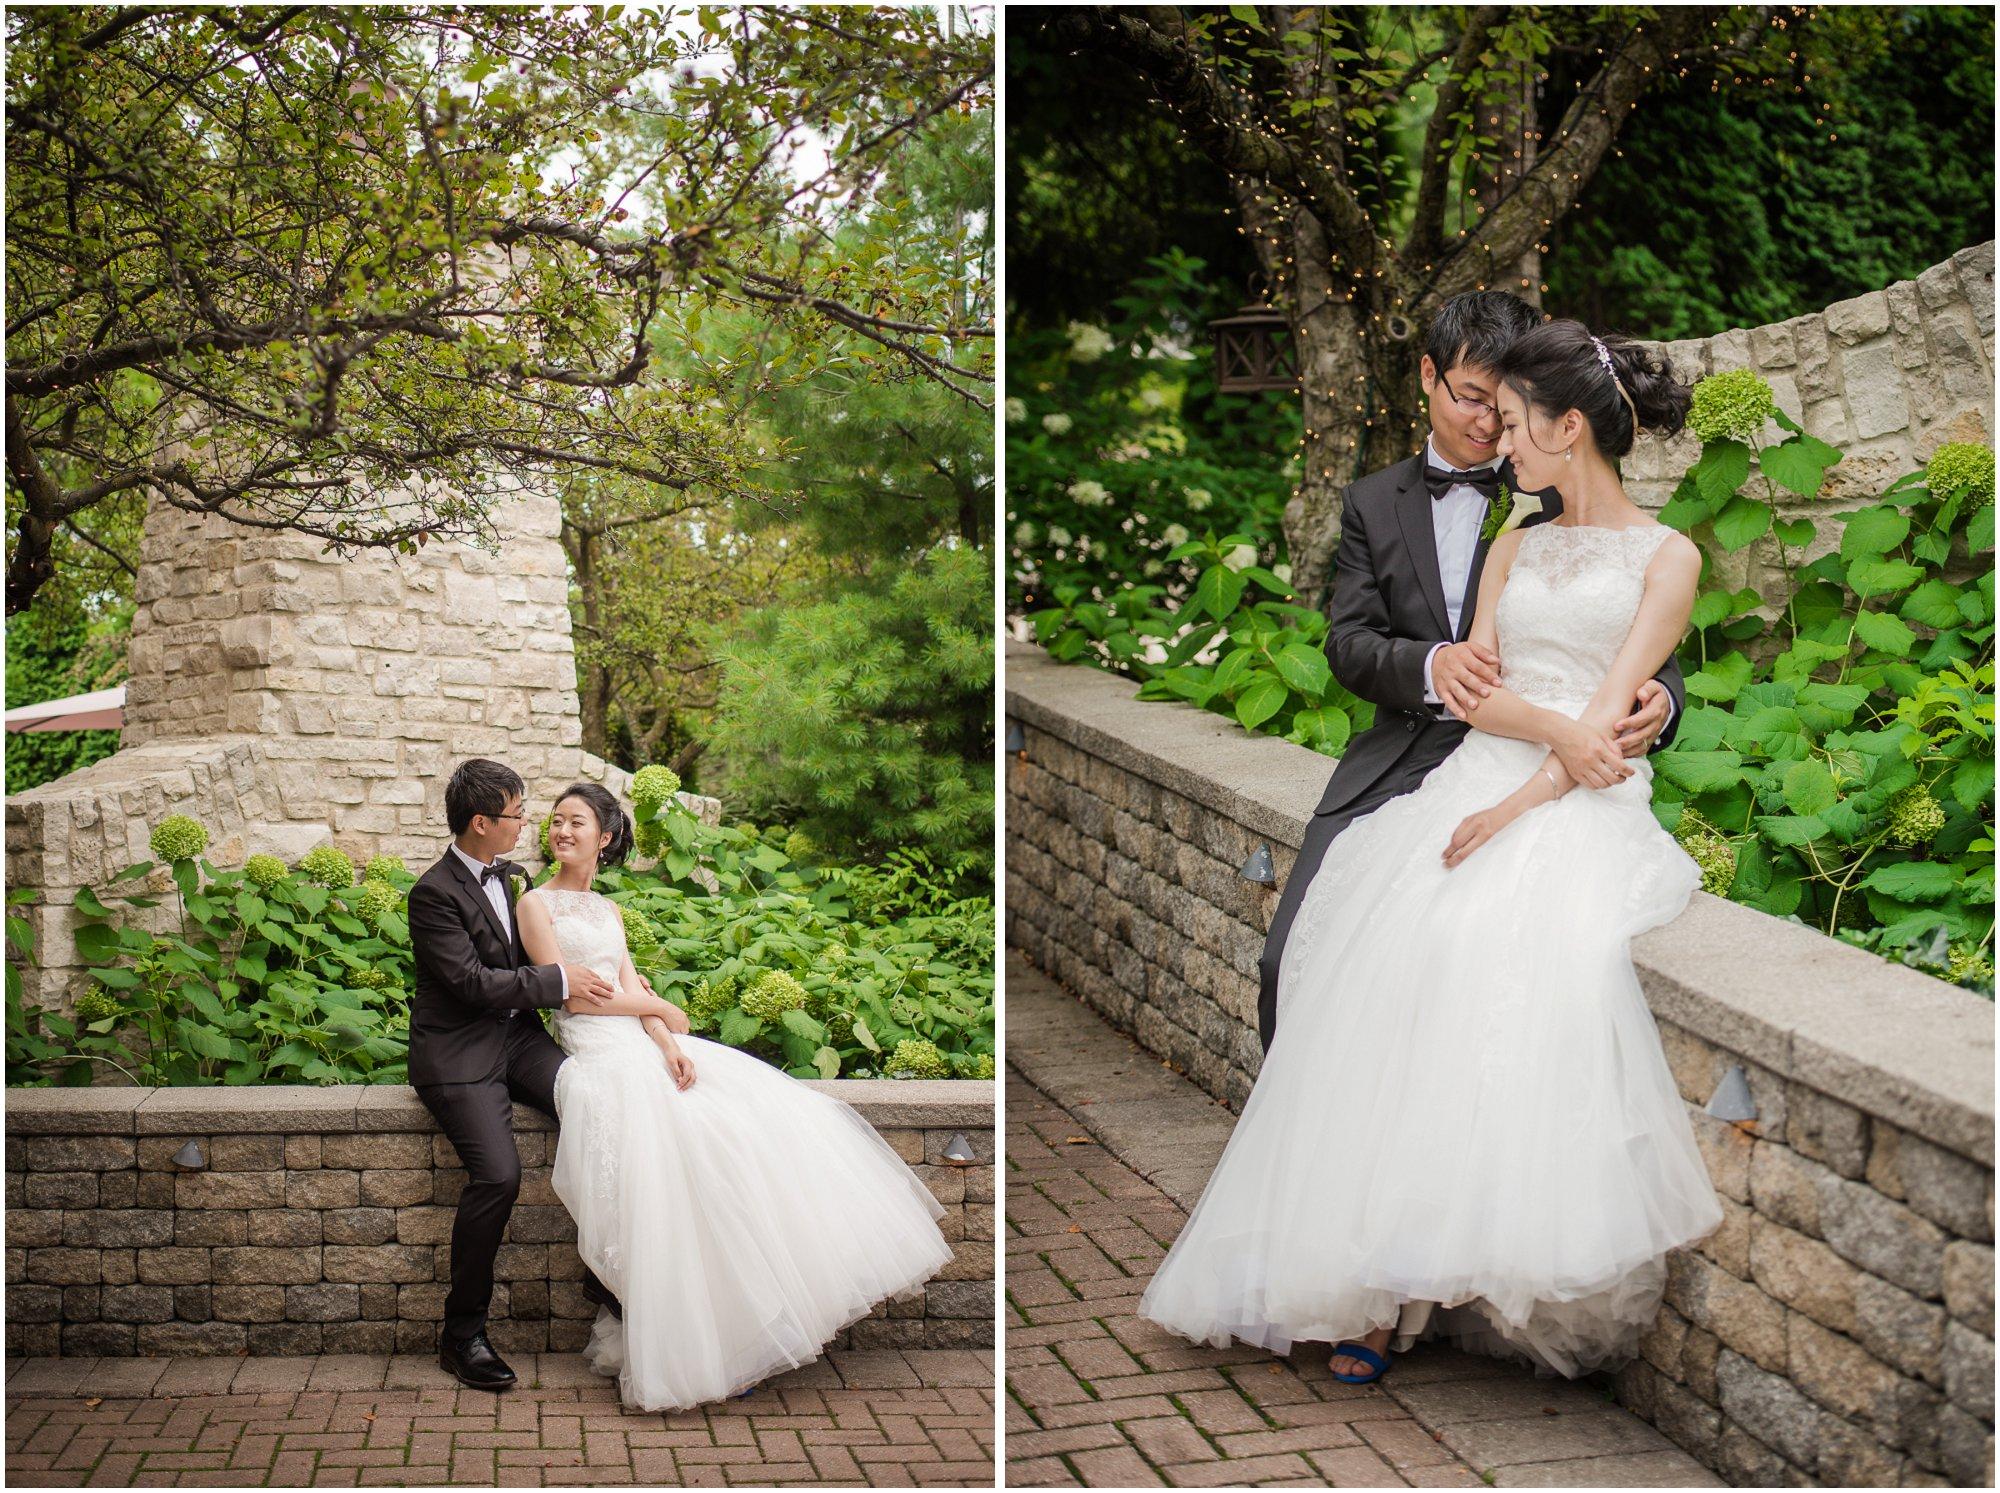 University-of-michigan-museum-of-art-wedding_1349.jpg